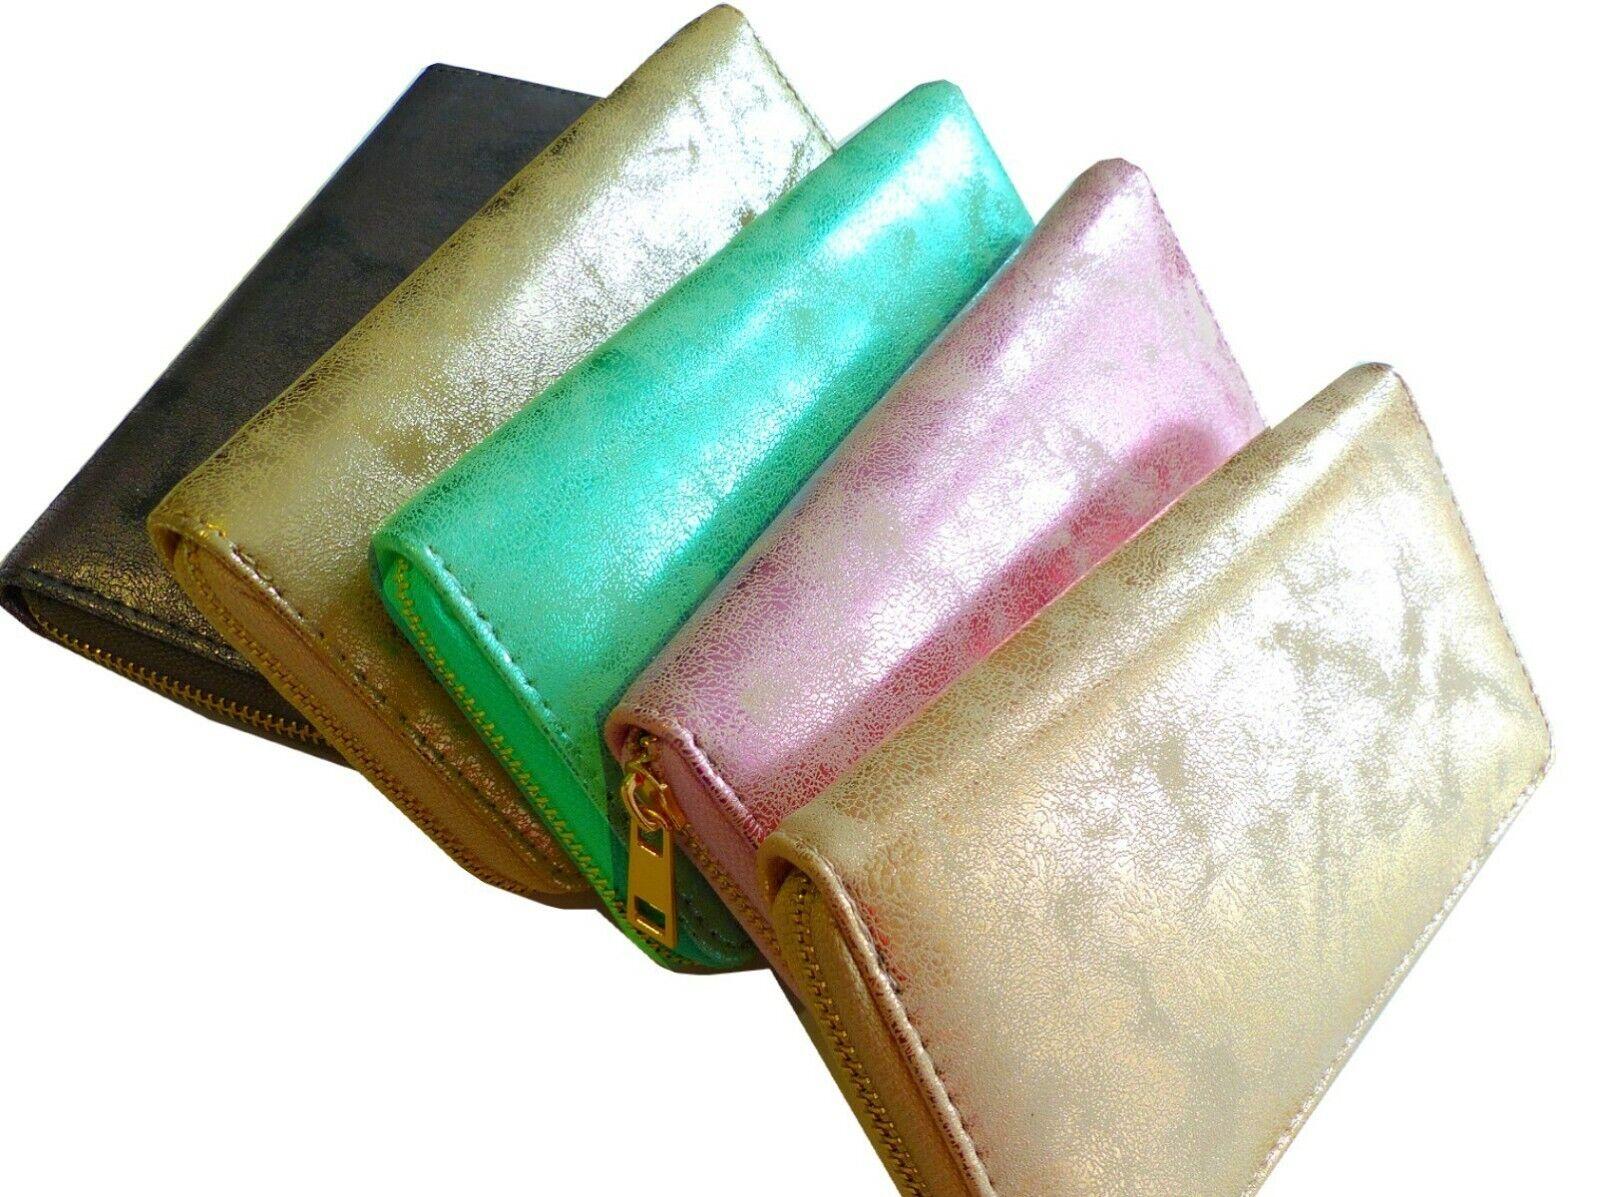 Geldbörse, Metallic Design, Portemonnaie Etui für Geld, Brieftasche, Geldbeutel